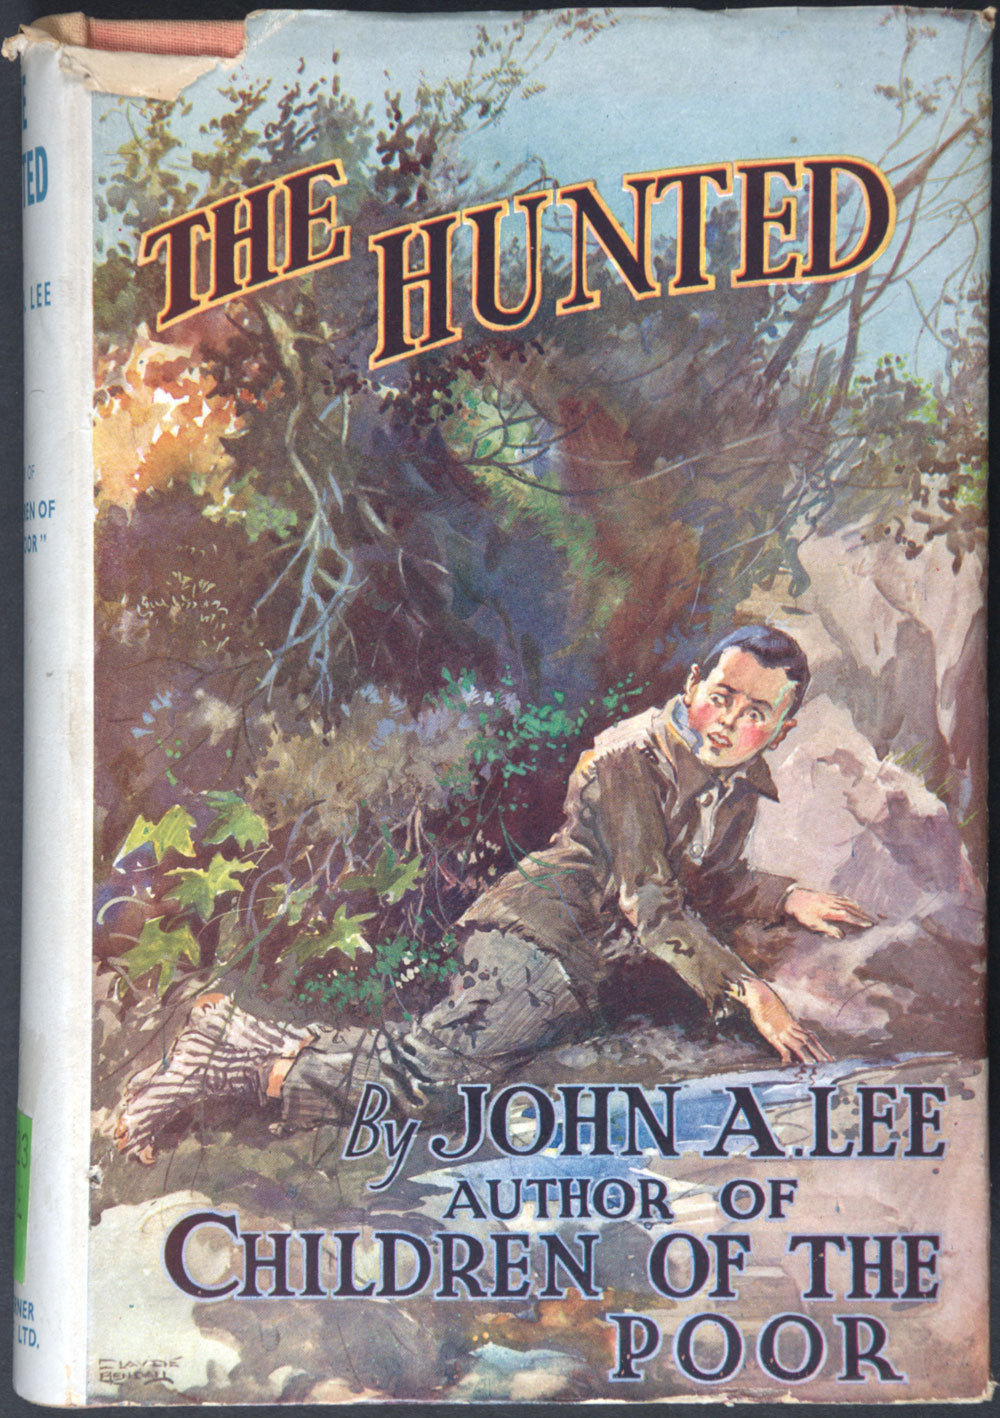 John A. Lee. <em>The hunted. London:</em> T. Werner Laurie Ltd., 1936.